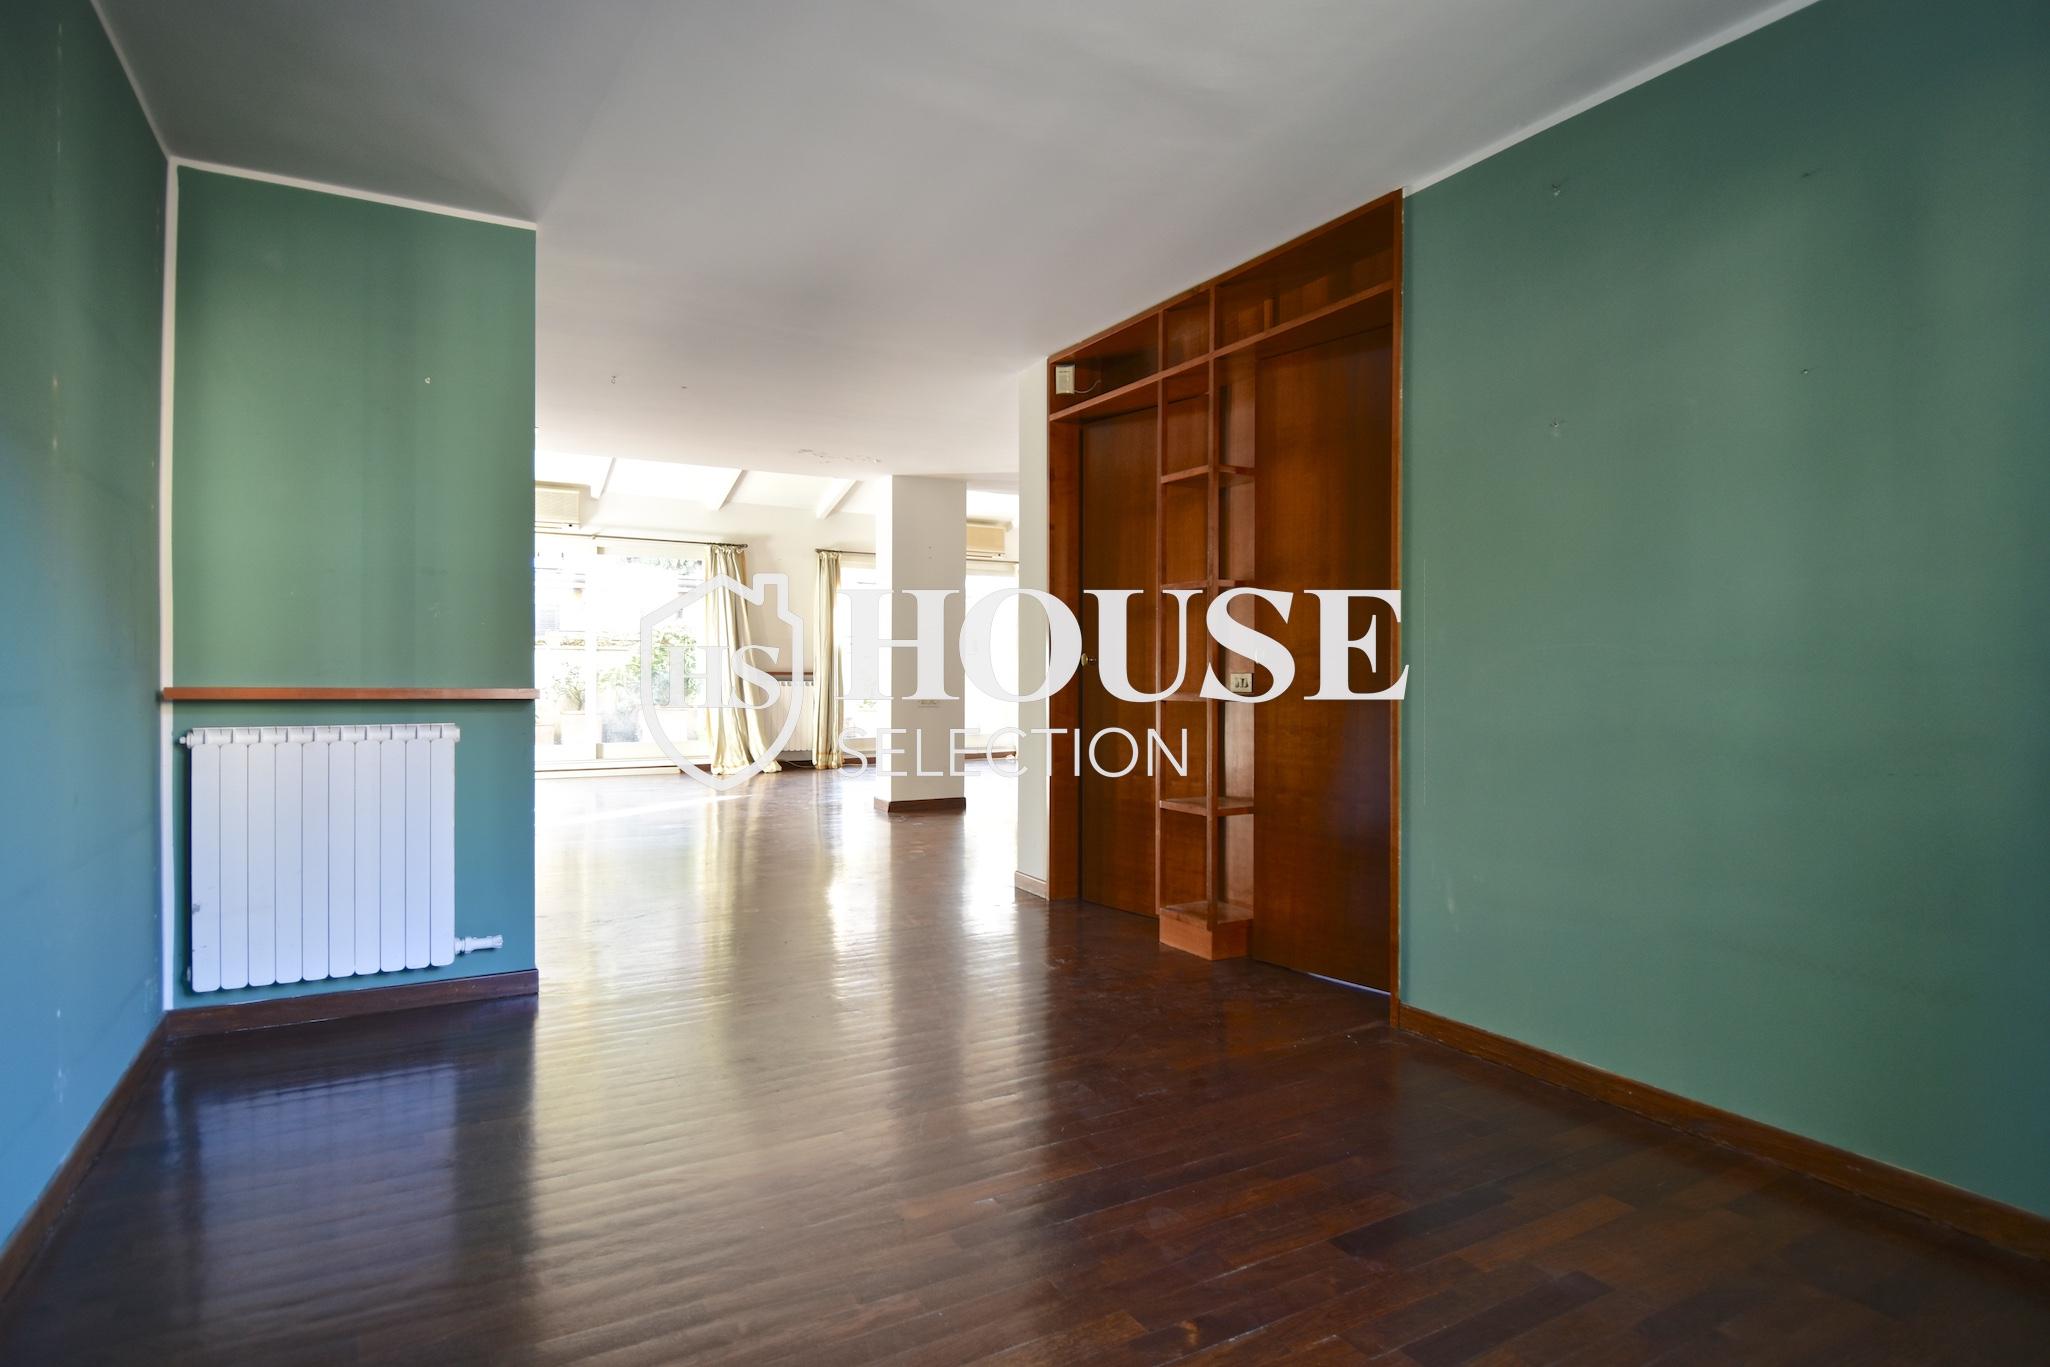 Affitto attico trilocale con terrazzino, via Archimede, tranquillo e luminoso, Milano 10